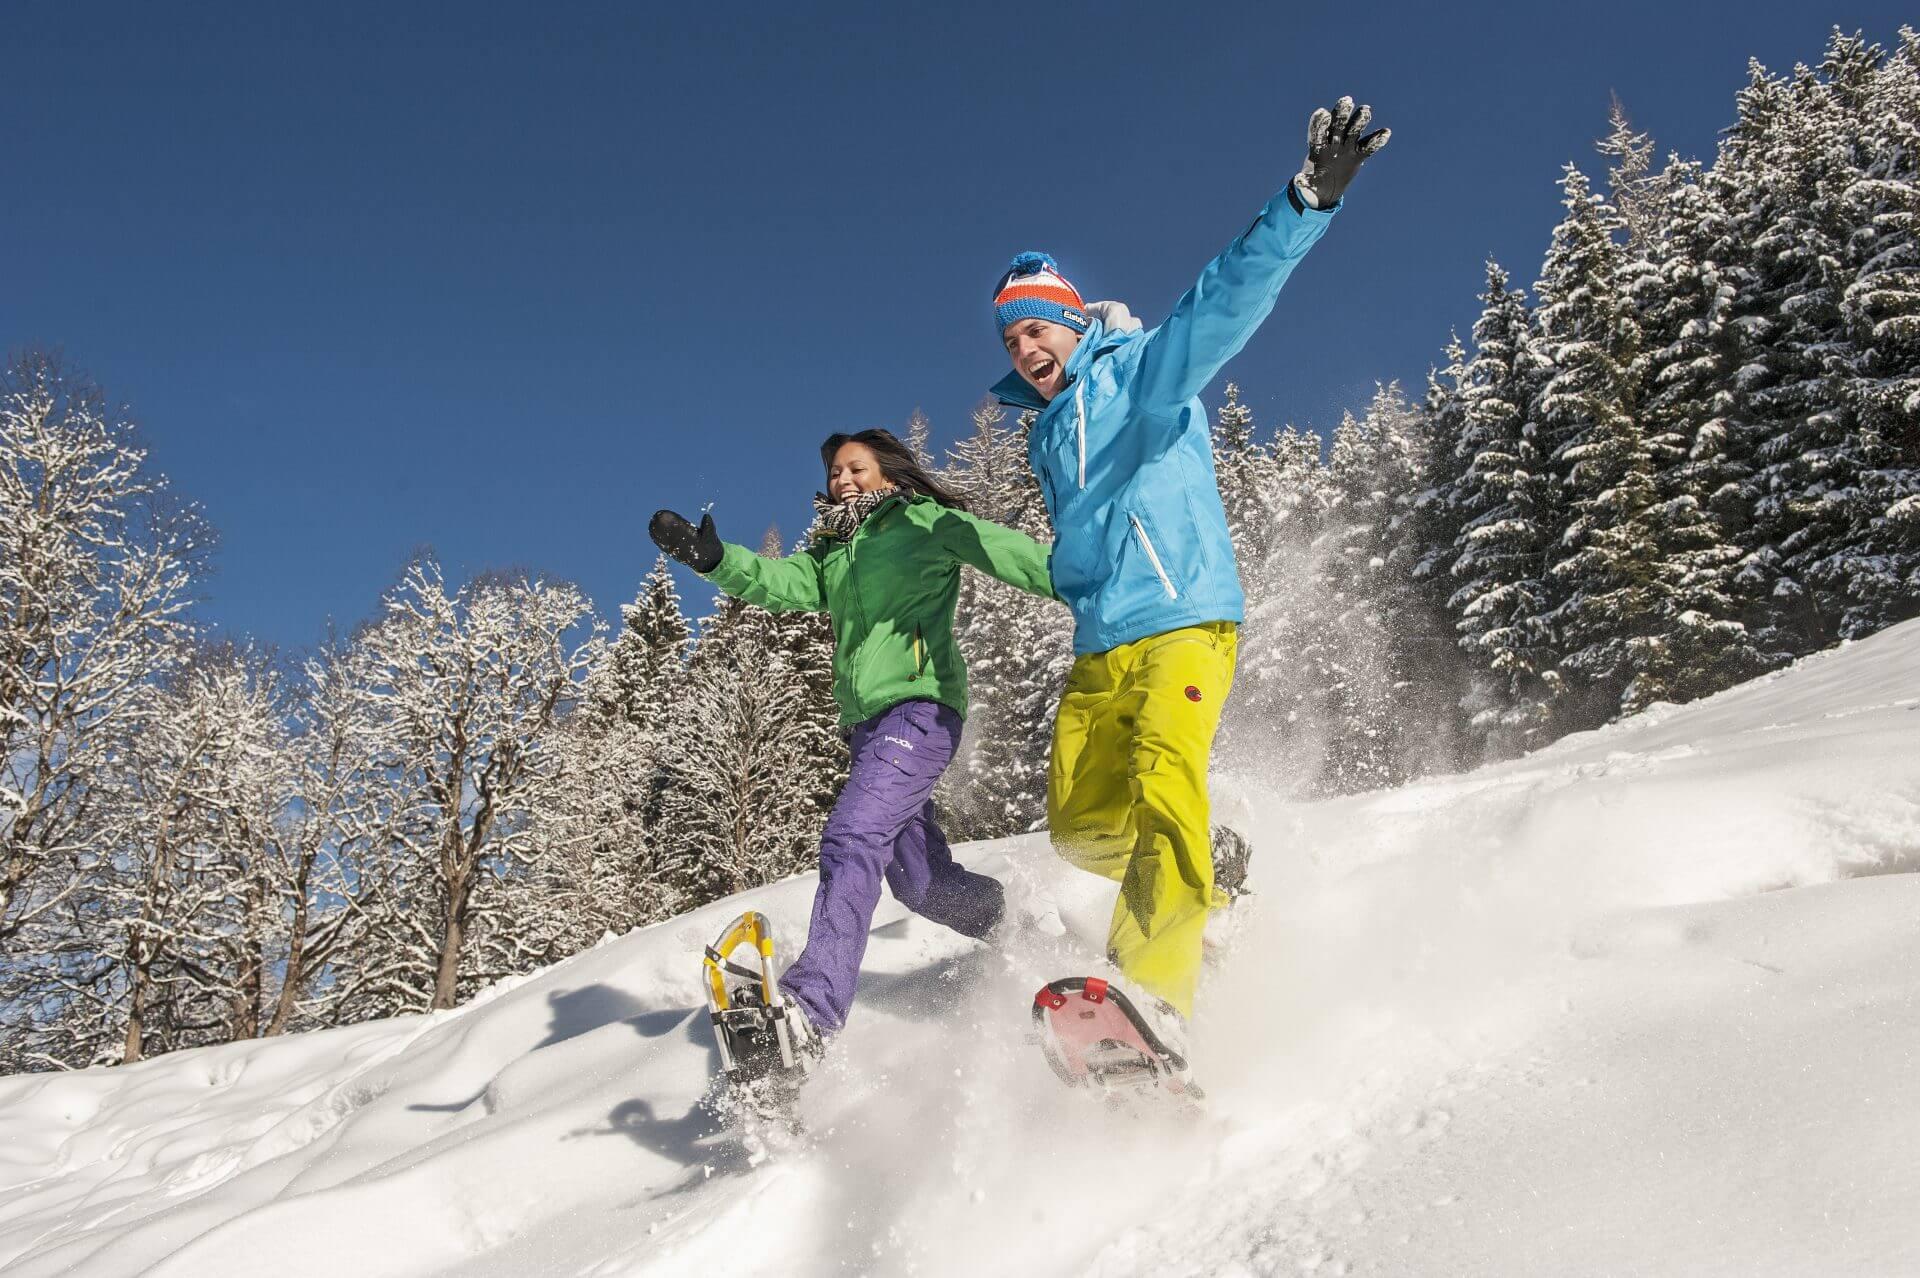 Schneeschuhwandern Winterromantik pur